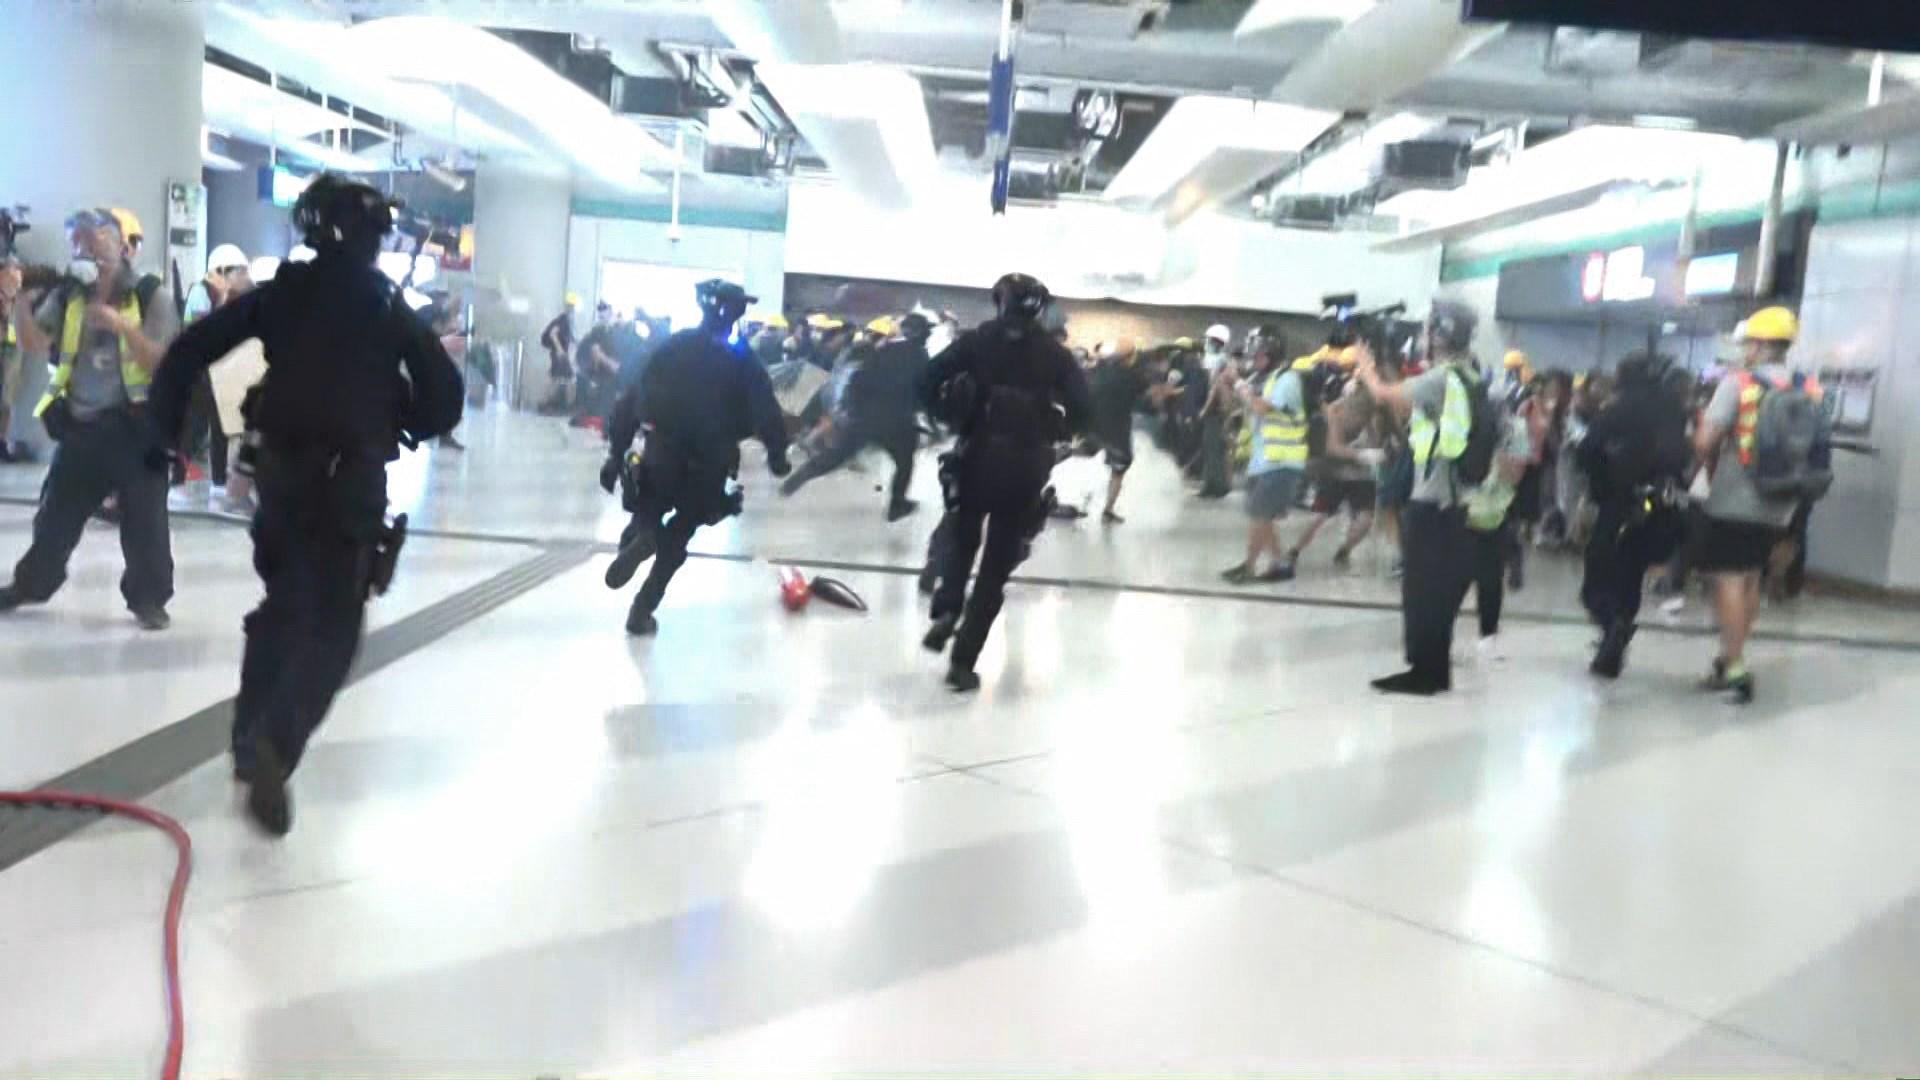 元朗衝突 警拘11男涉非法集結及襲警等